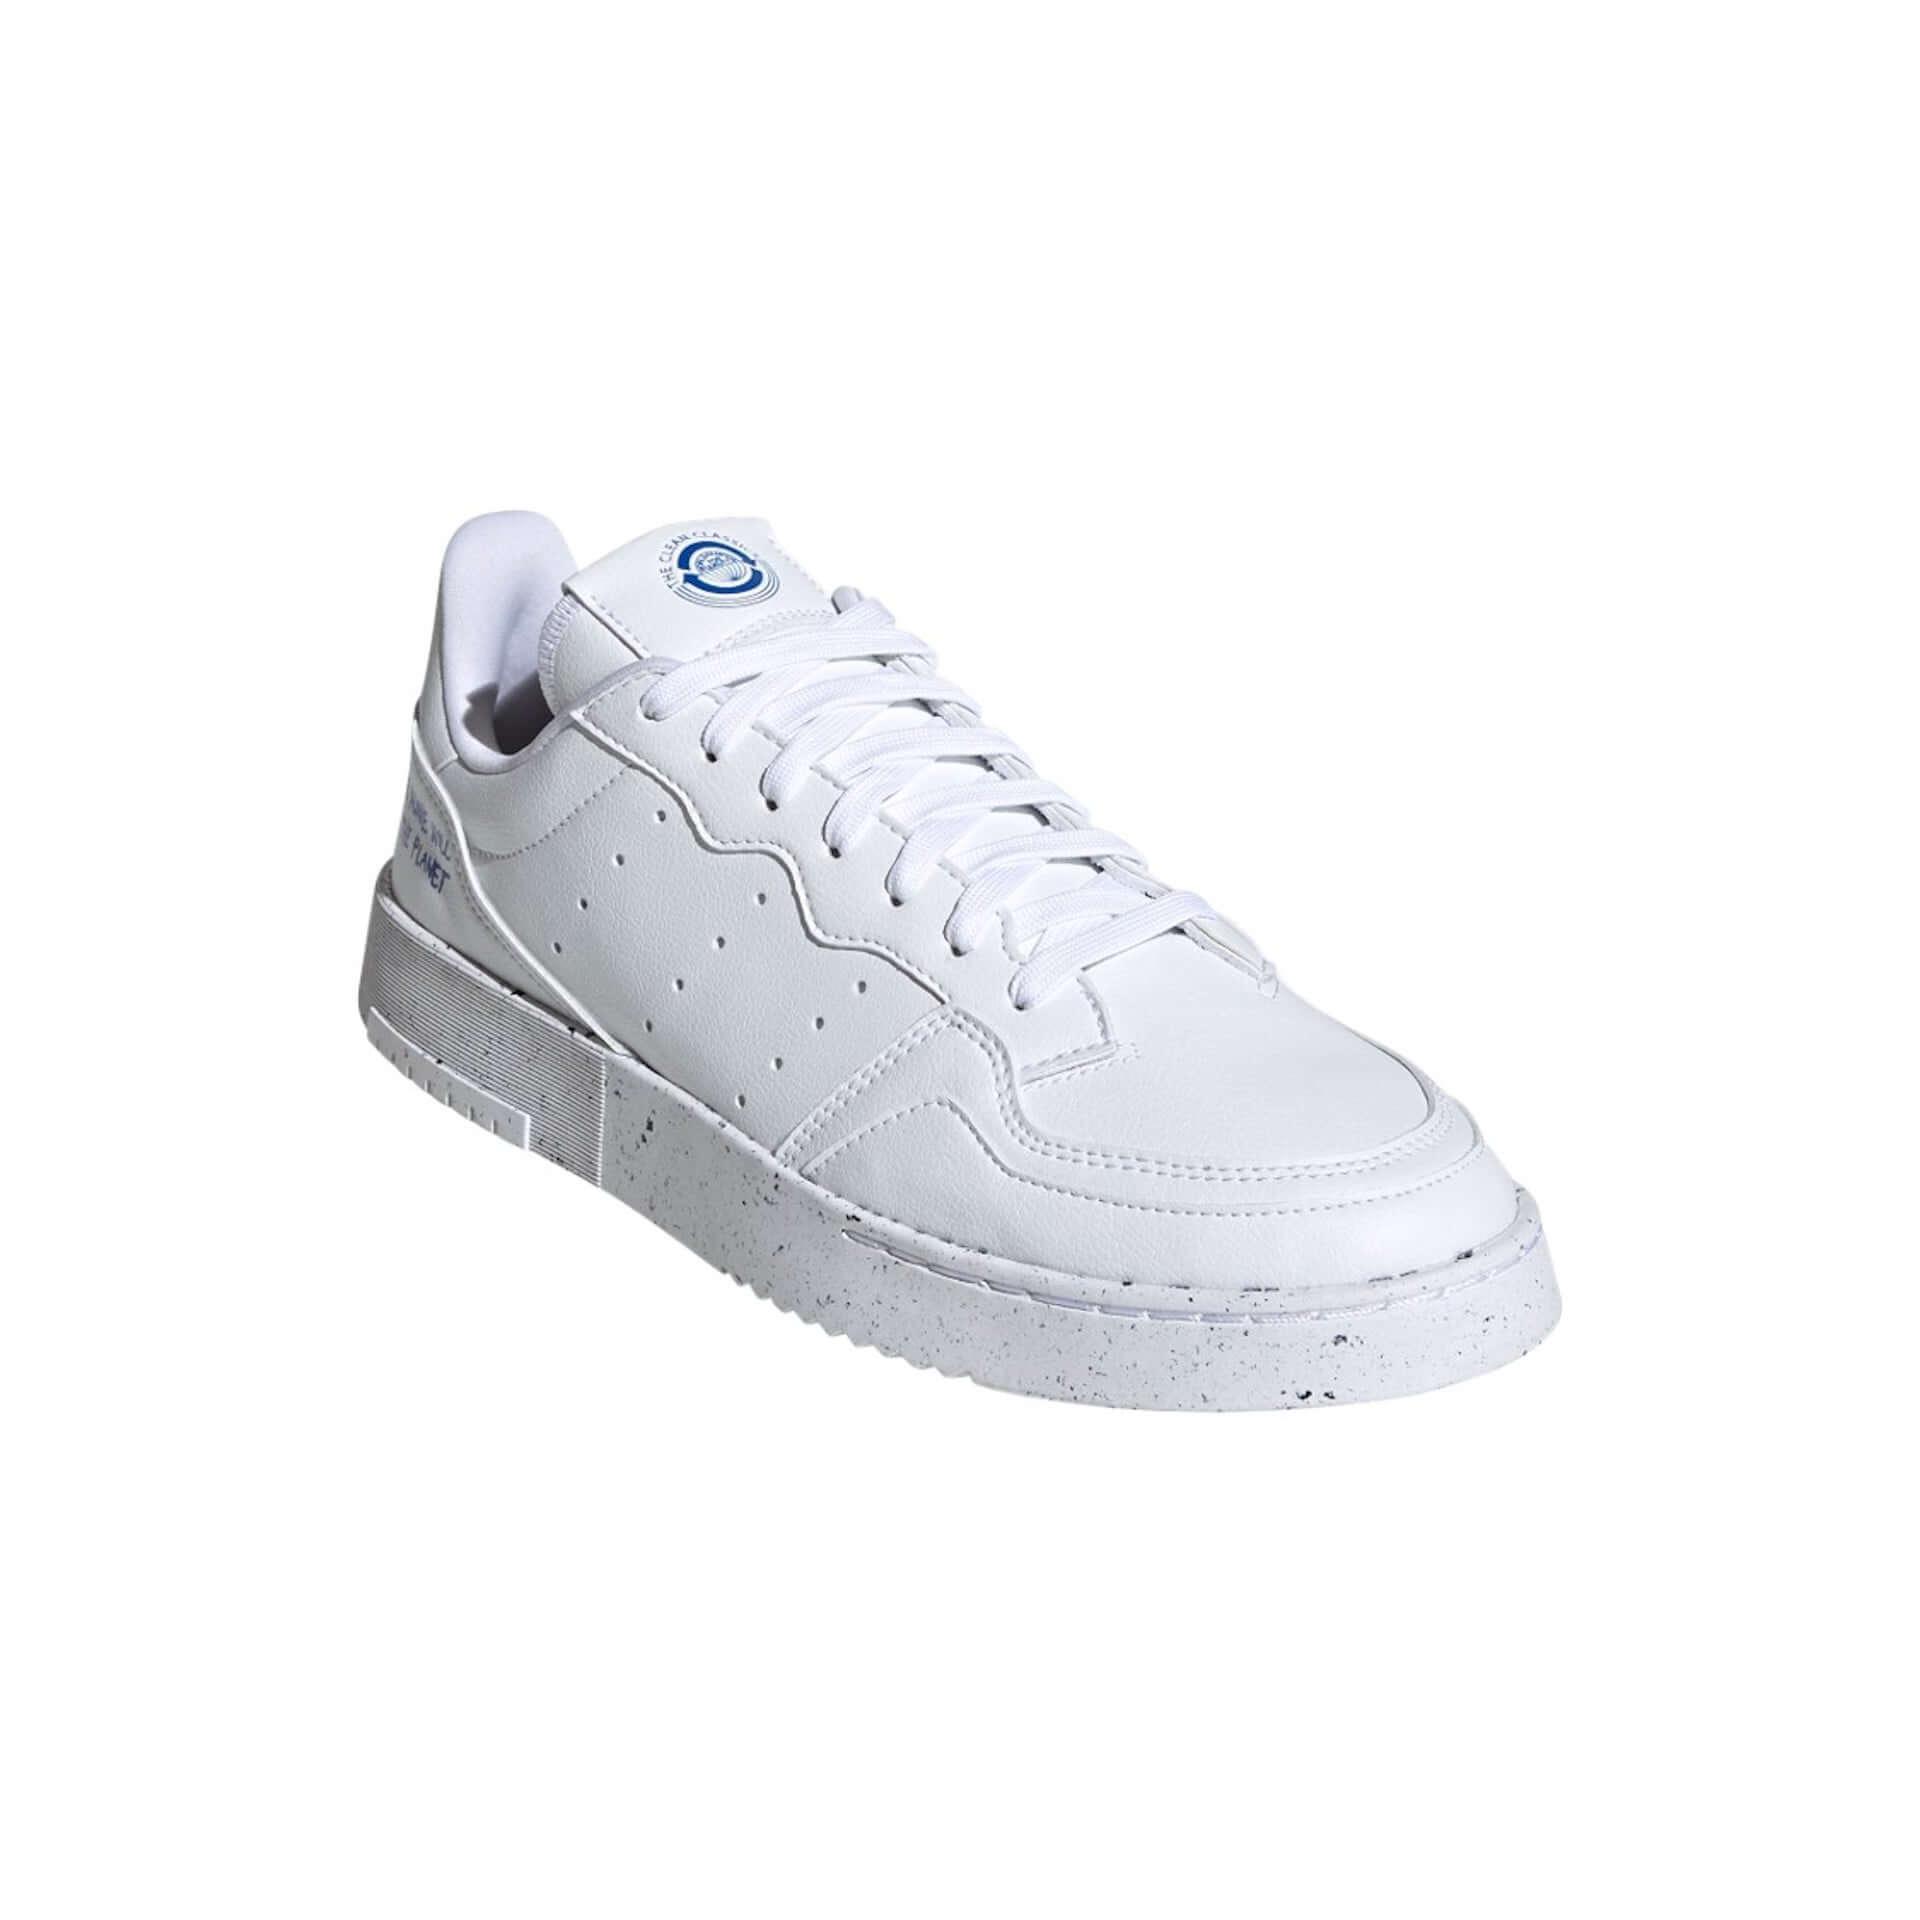 adidas Originalsがサステナブルなフットウェアコレクション「Clean Classics」を発売!名作「SUPERSTAR」「STAN SMITH」も登場 lf200804_adidas-cleanclassics_12-1920x1920